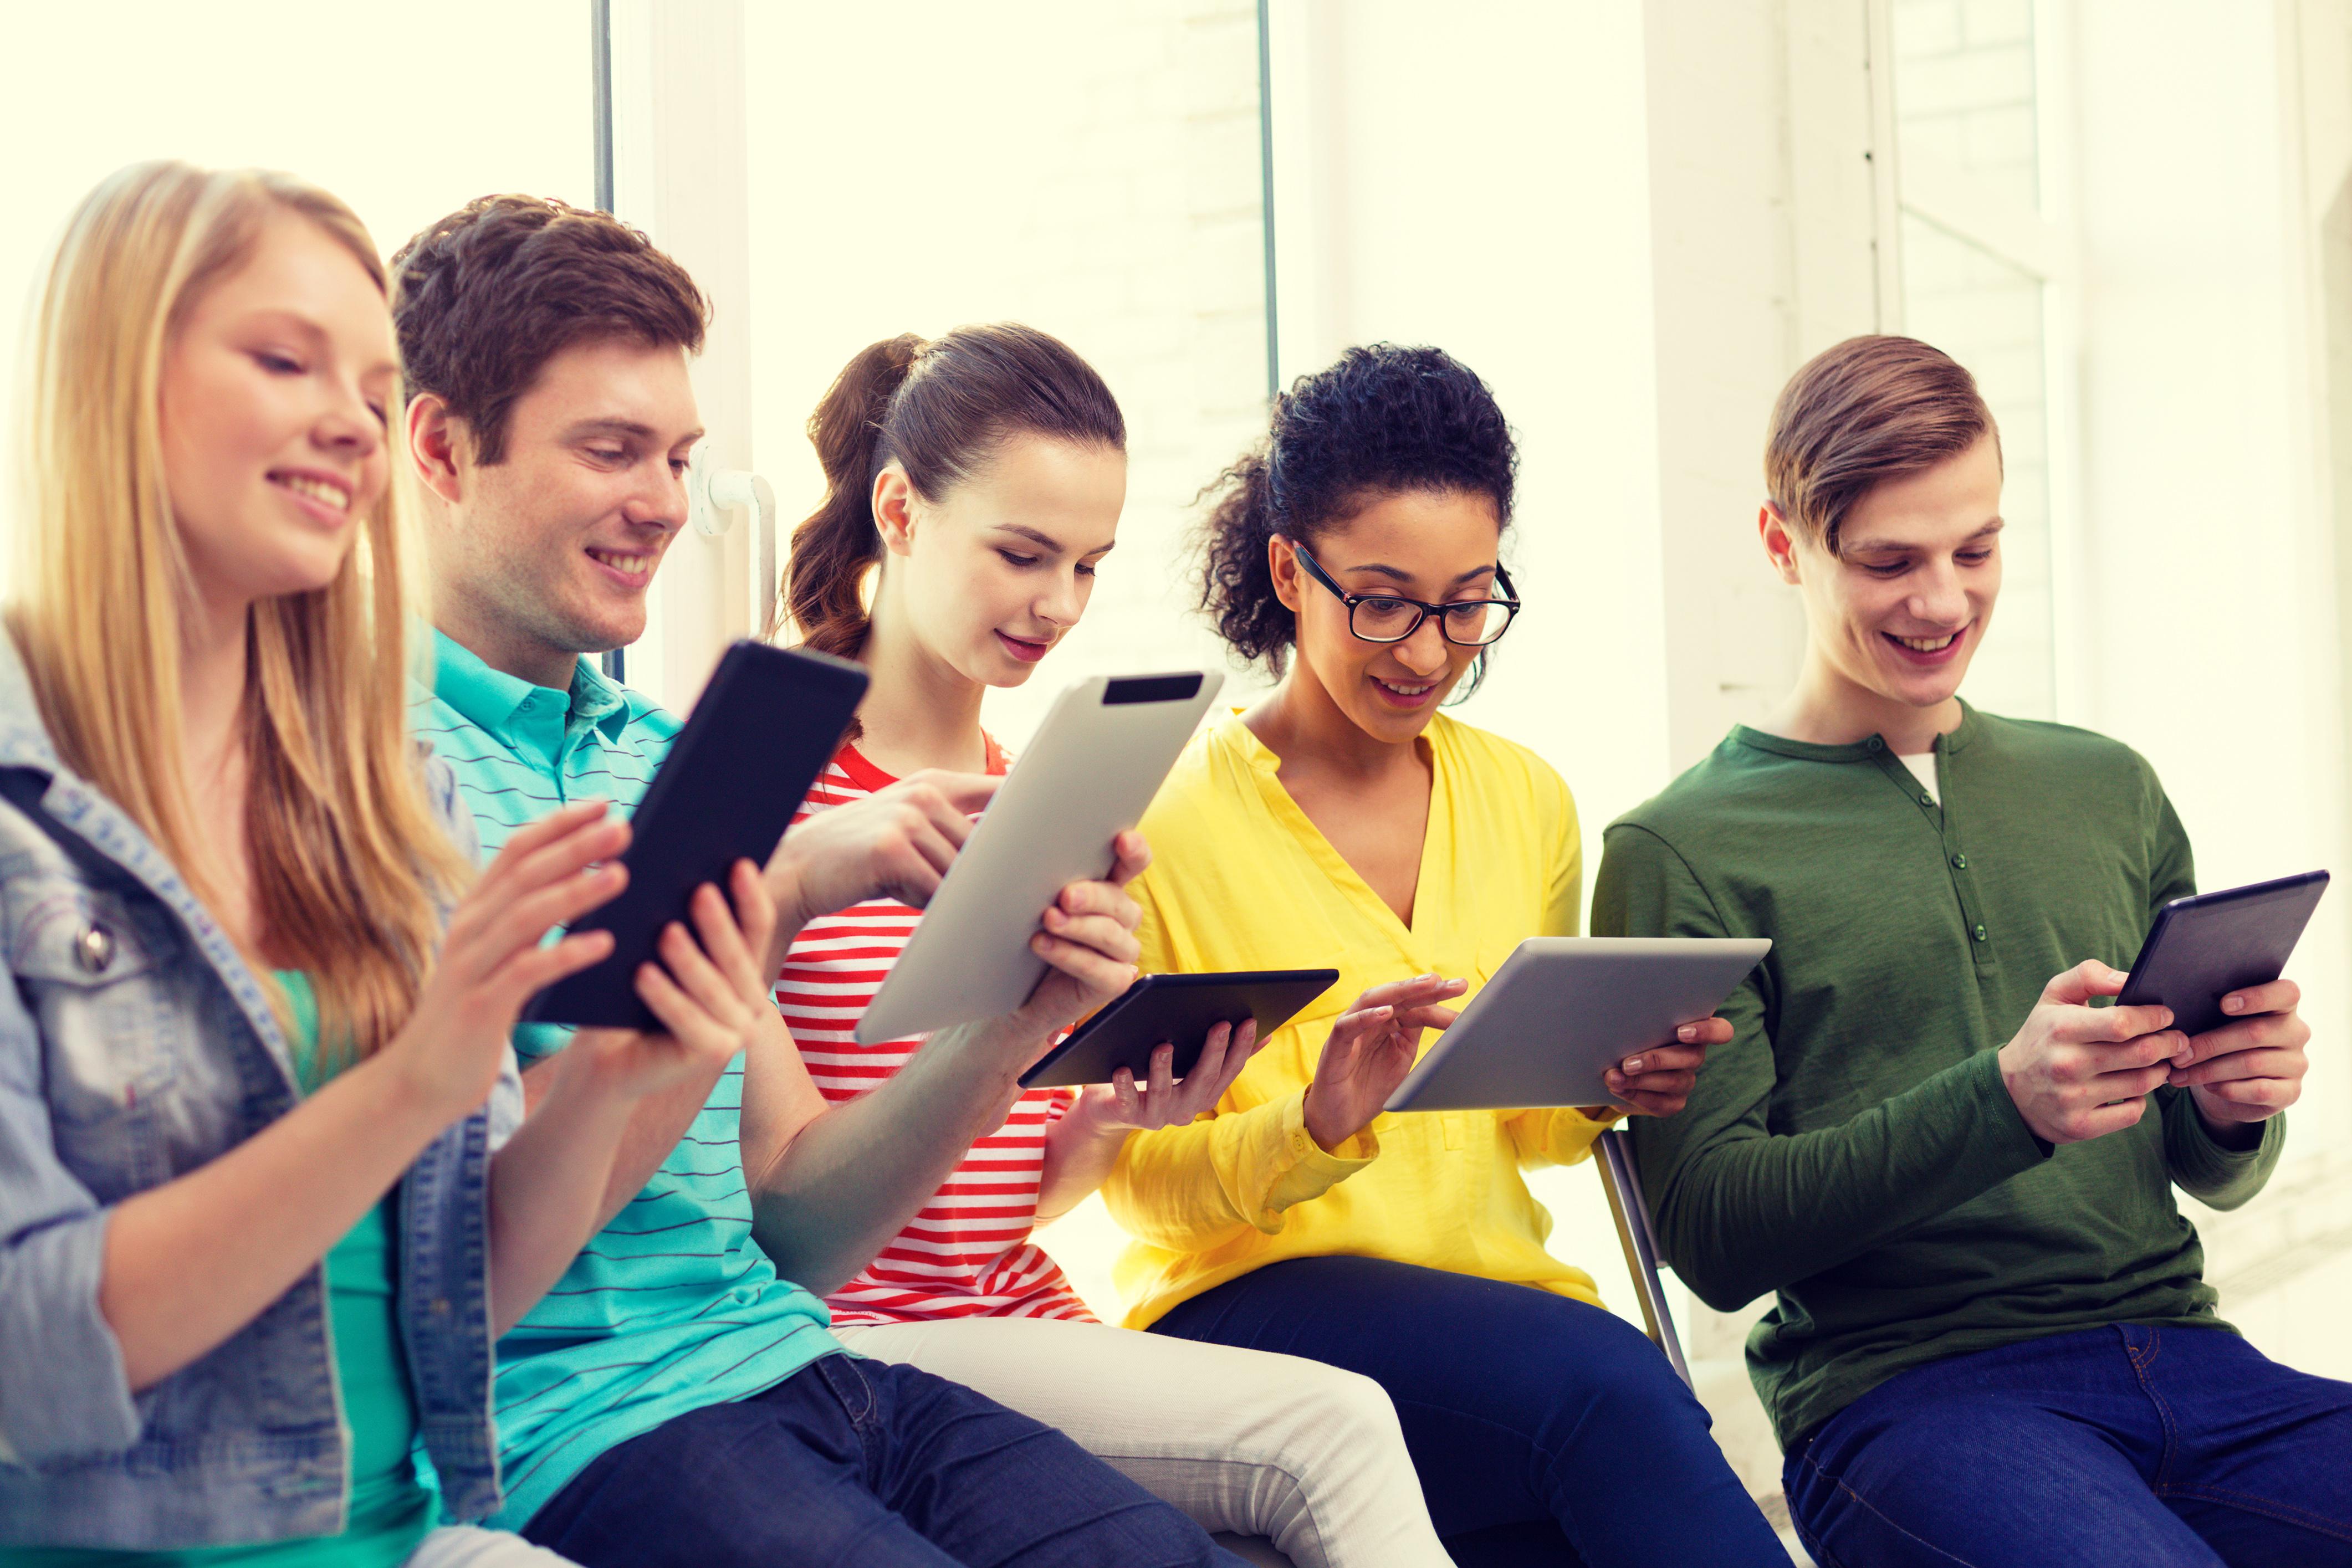 Học từ vựng qua các app sẽ thuận tiện và dễ dàng hơn